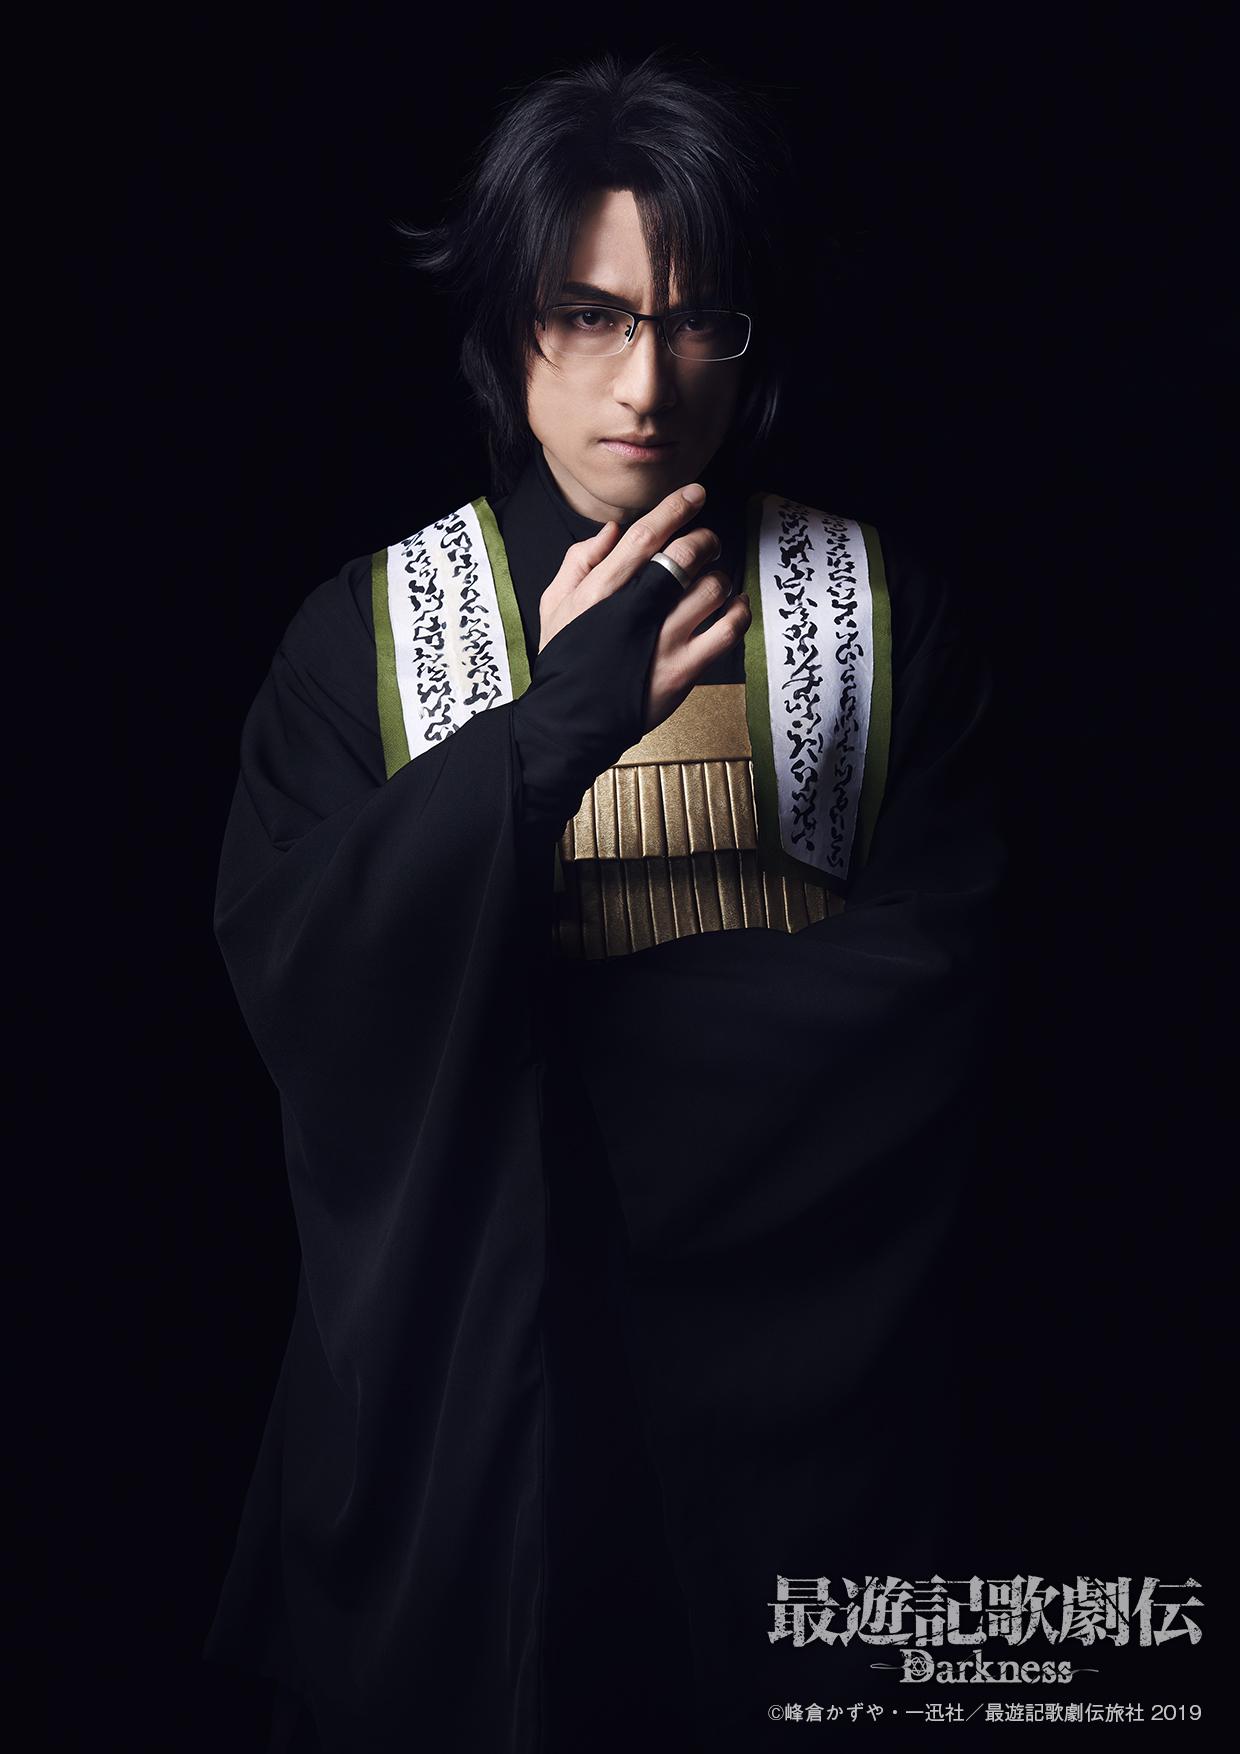 『最遊記歌劇伝-Darkness-』鈴木拡樹に続き法月康平・成松慶彦ら5名のビジュアルが解禁 イメージ画像